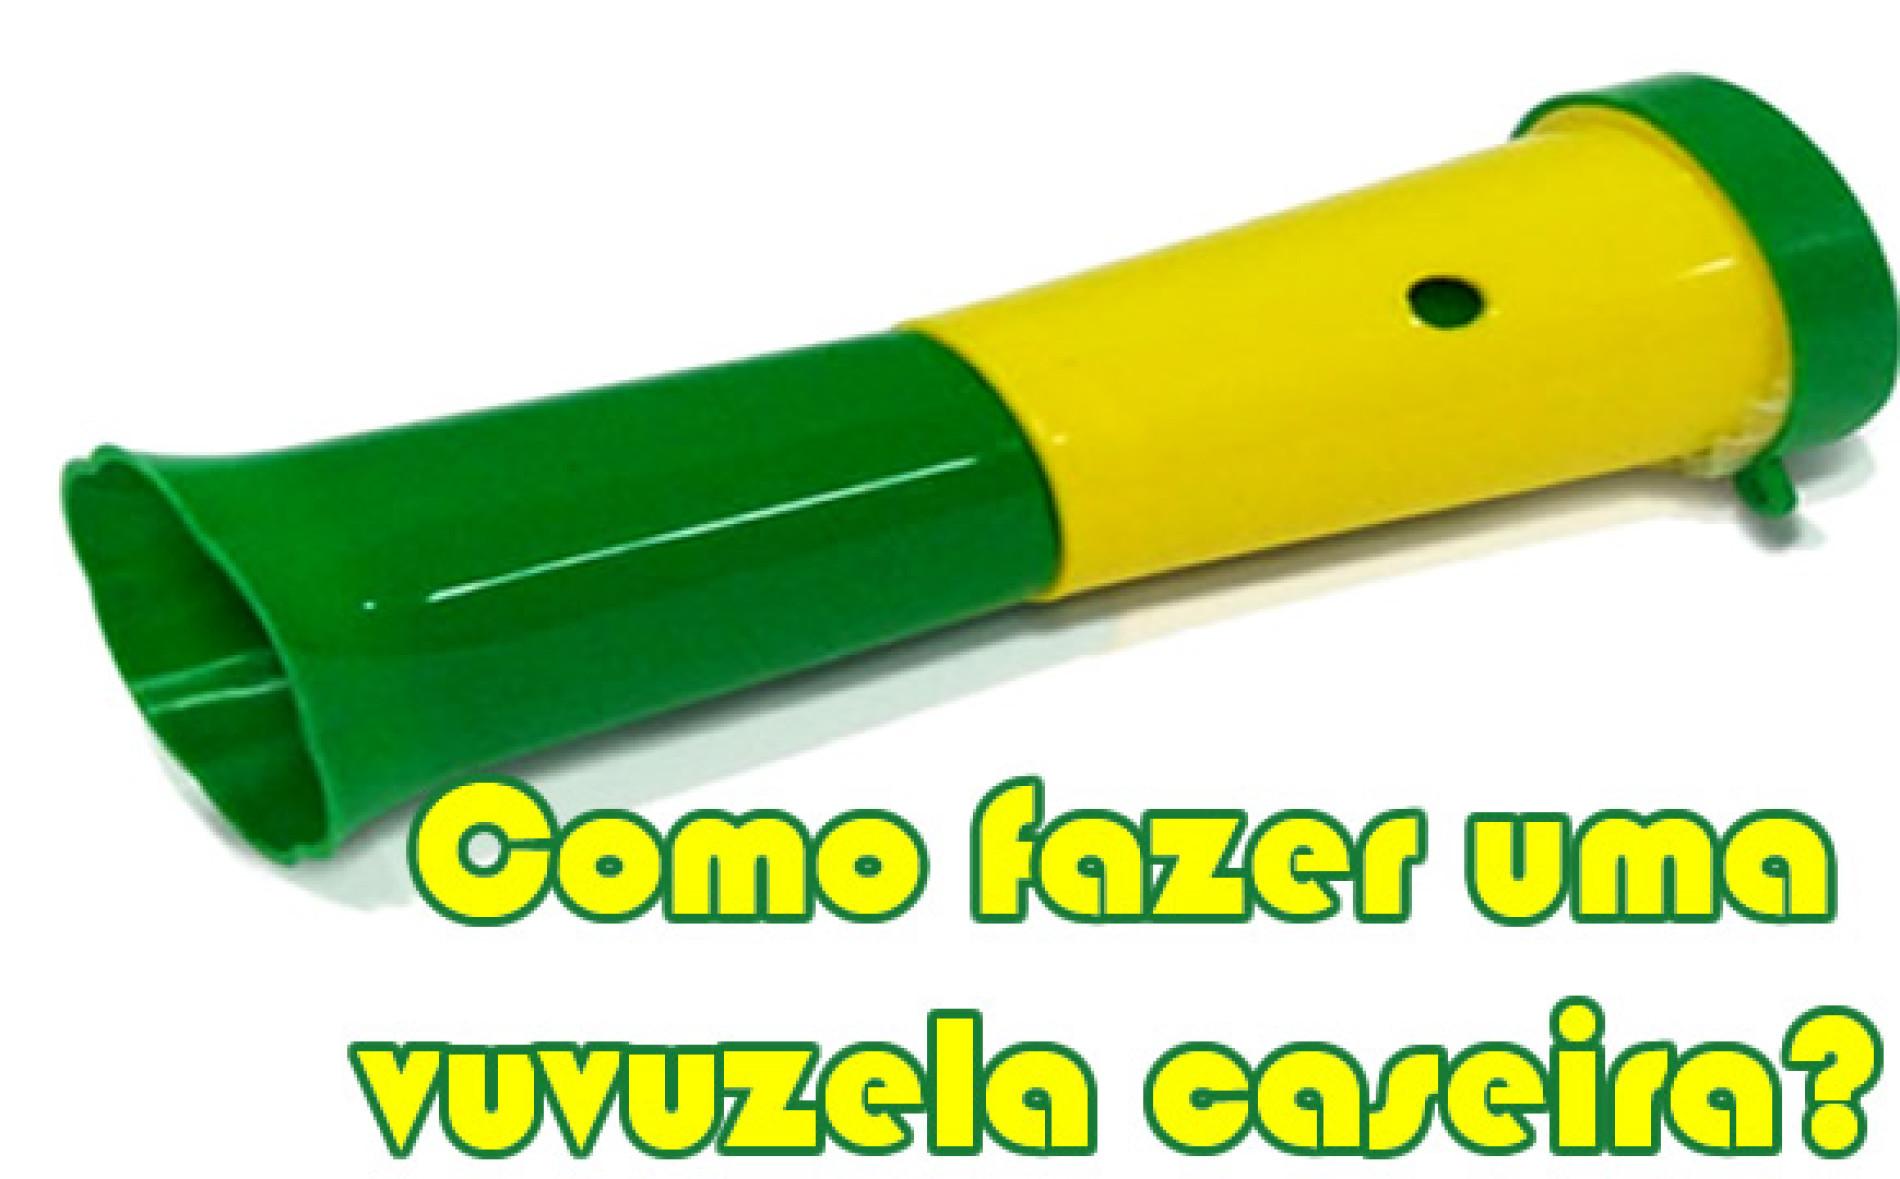 Como fazer uma vuvuzela caseira para a Copa do Mundo